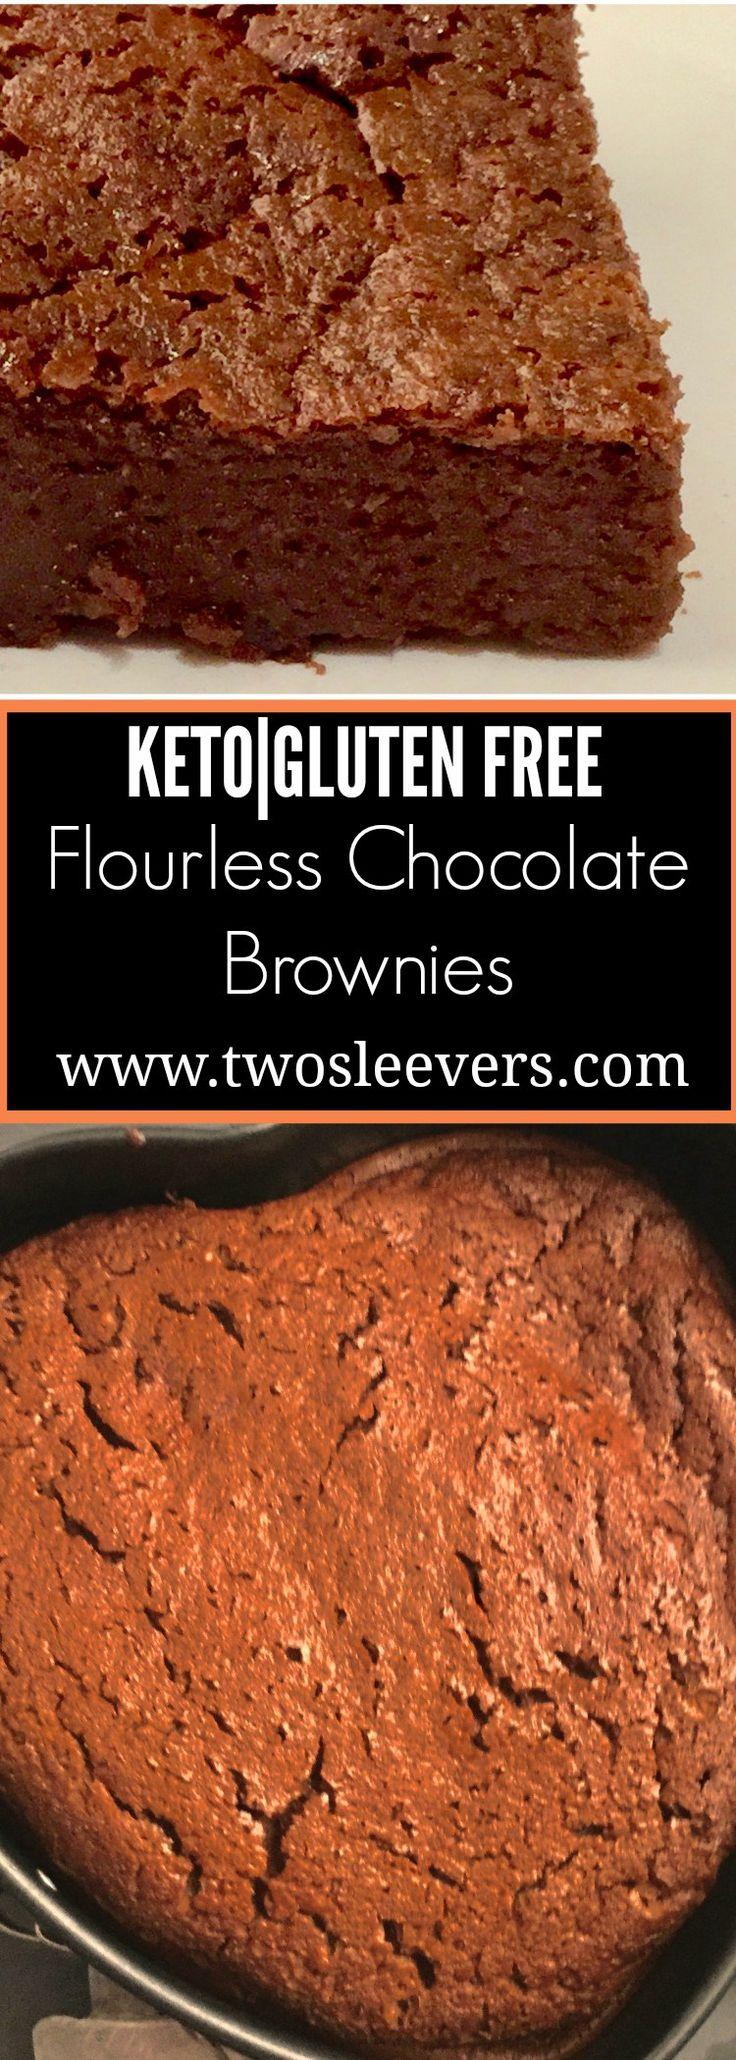 Five Ingredient Keto Flourless Chocolate Brownies - - https://twosleevers.com